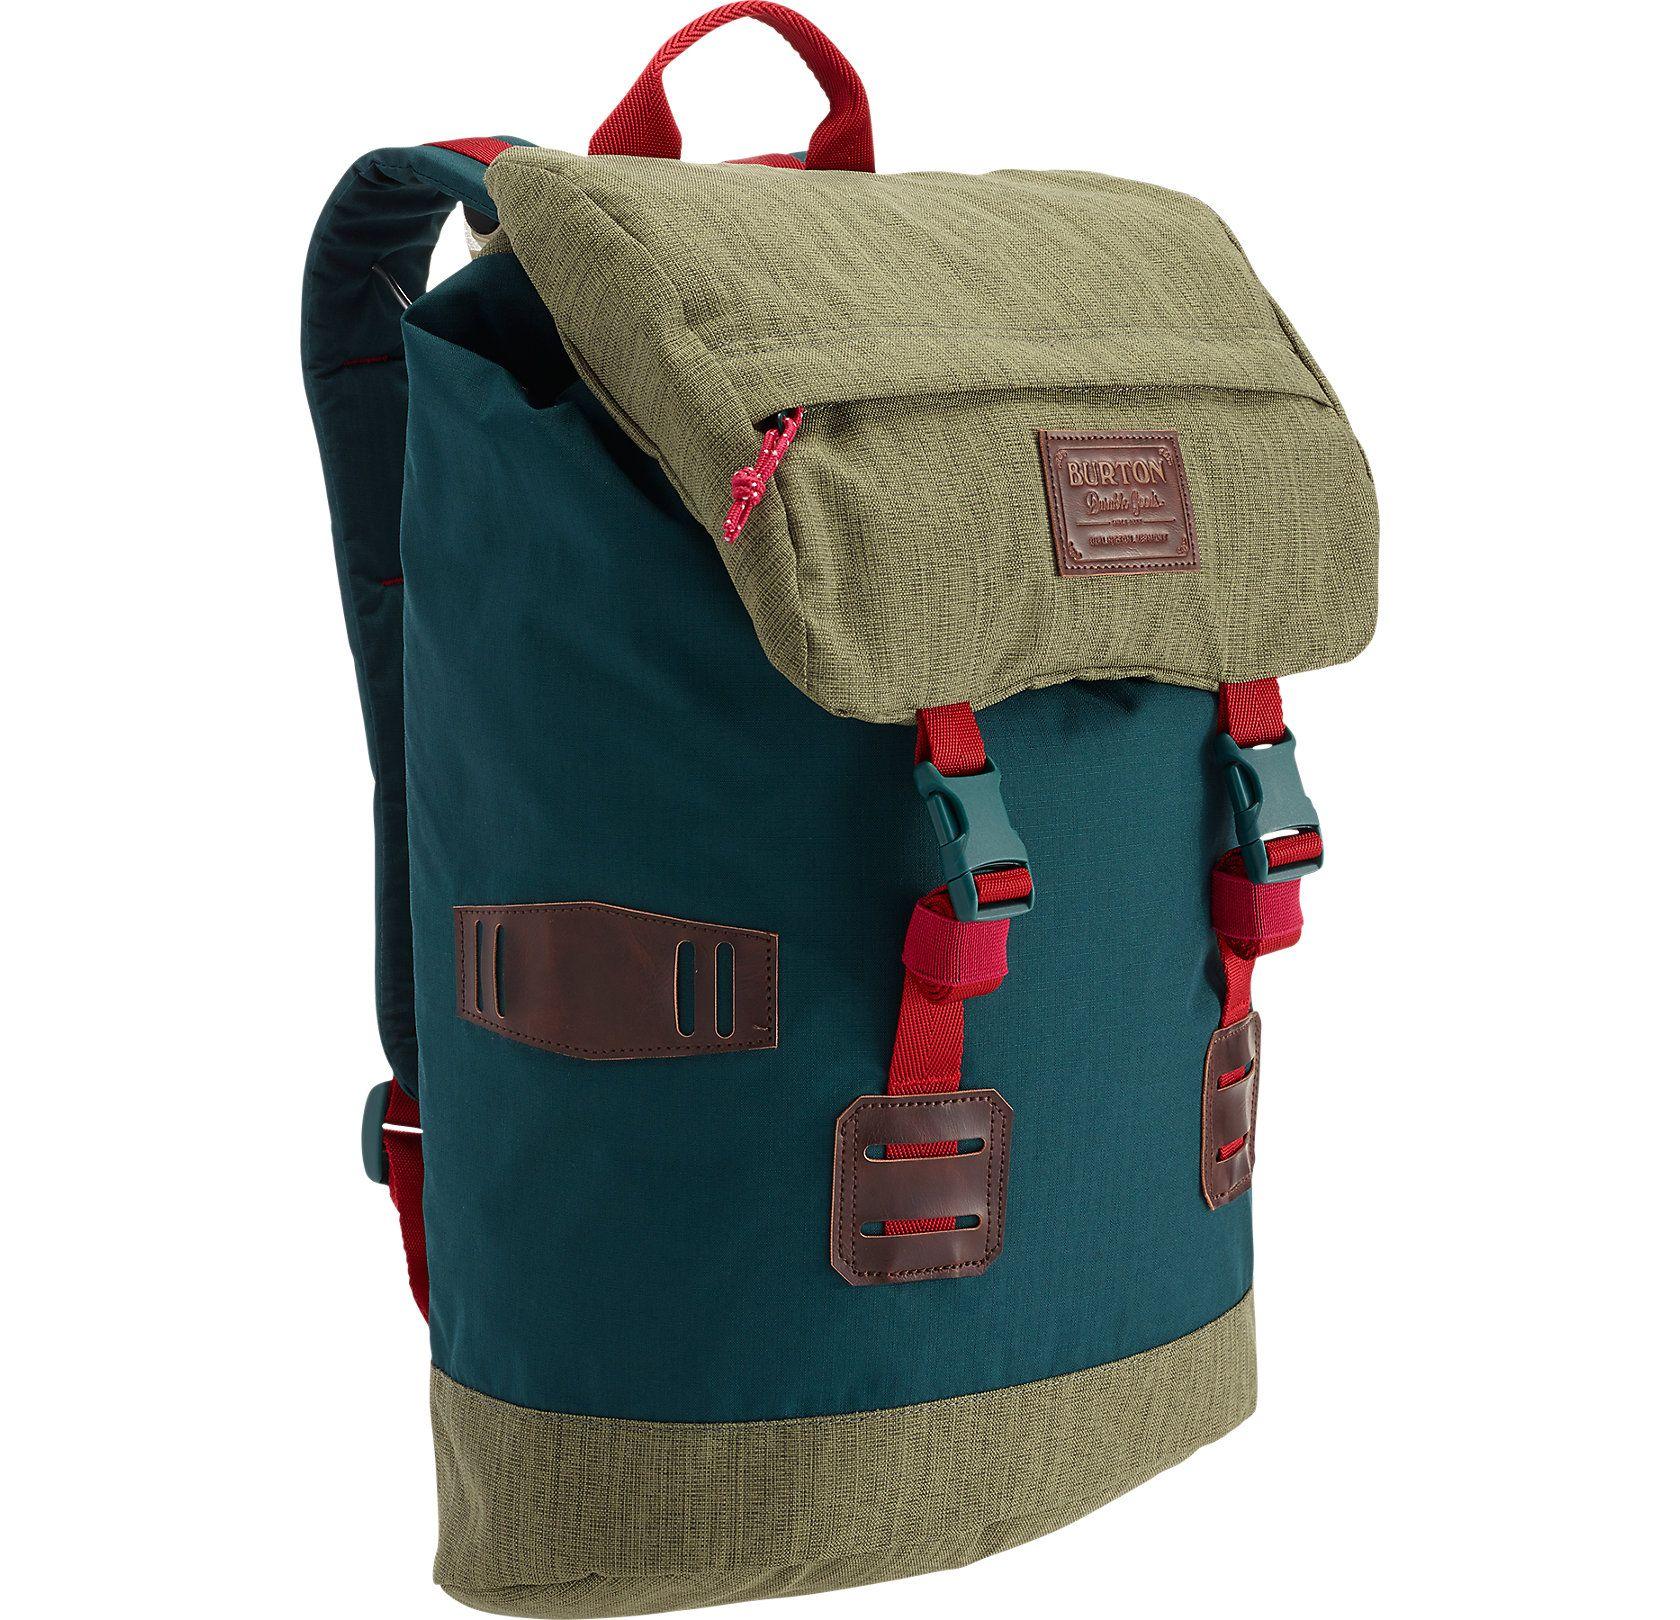 06ada91e93 Tinder Backpack